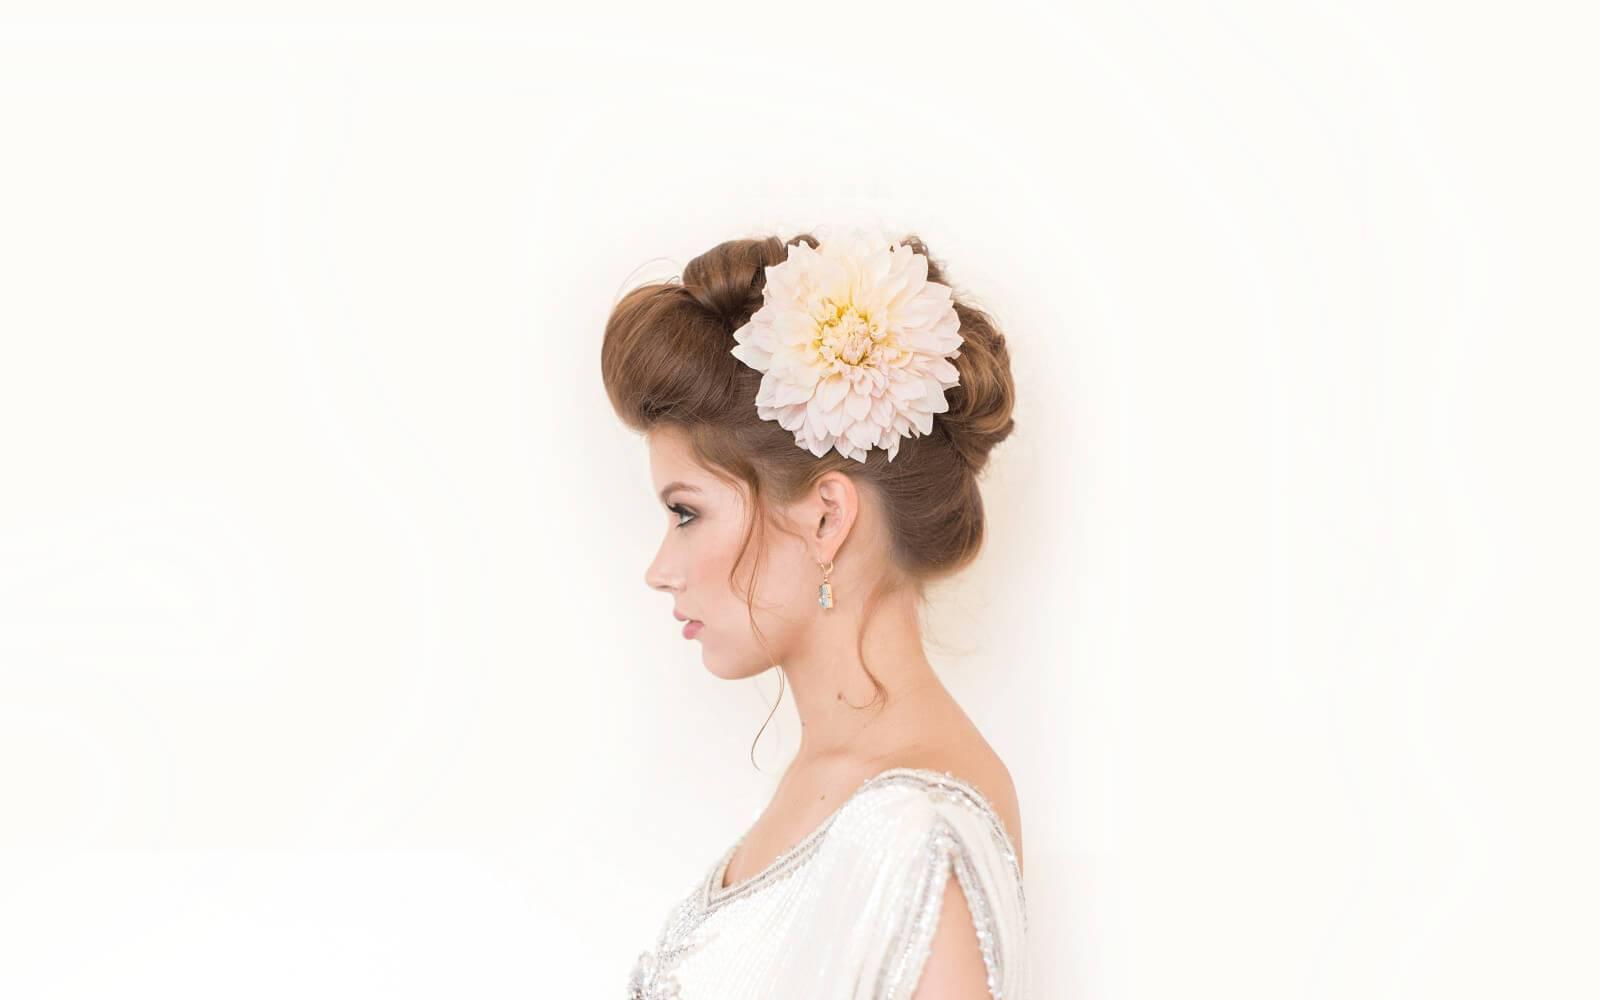 Makeup by Ana B – Ana Buitrago, Professional Hair, Makeup Artist, DC ...